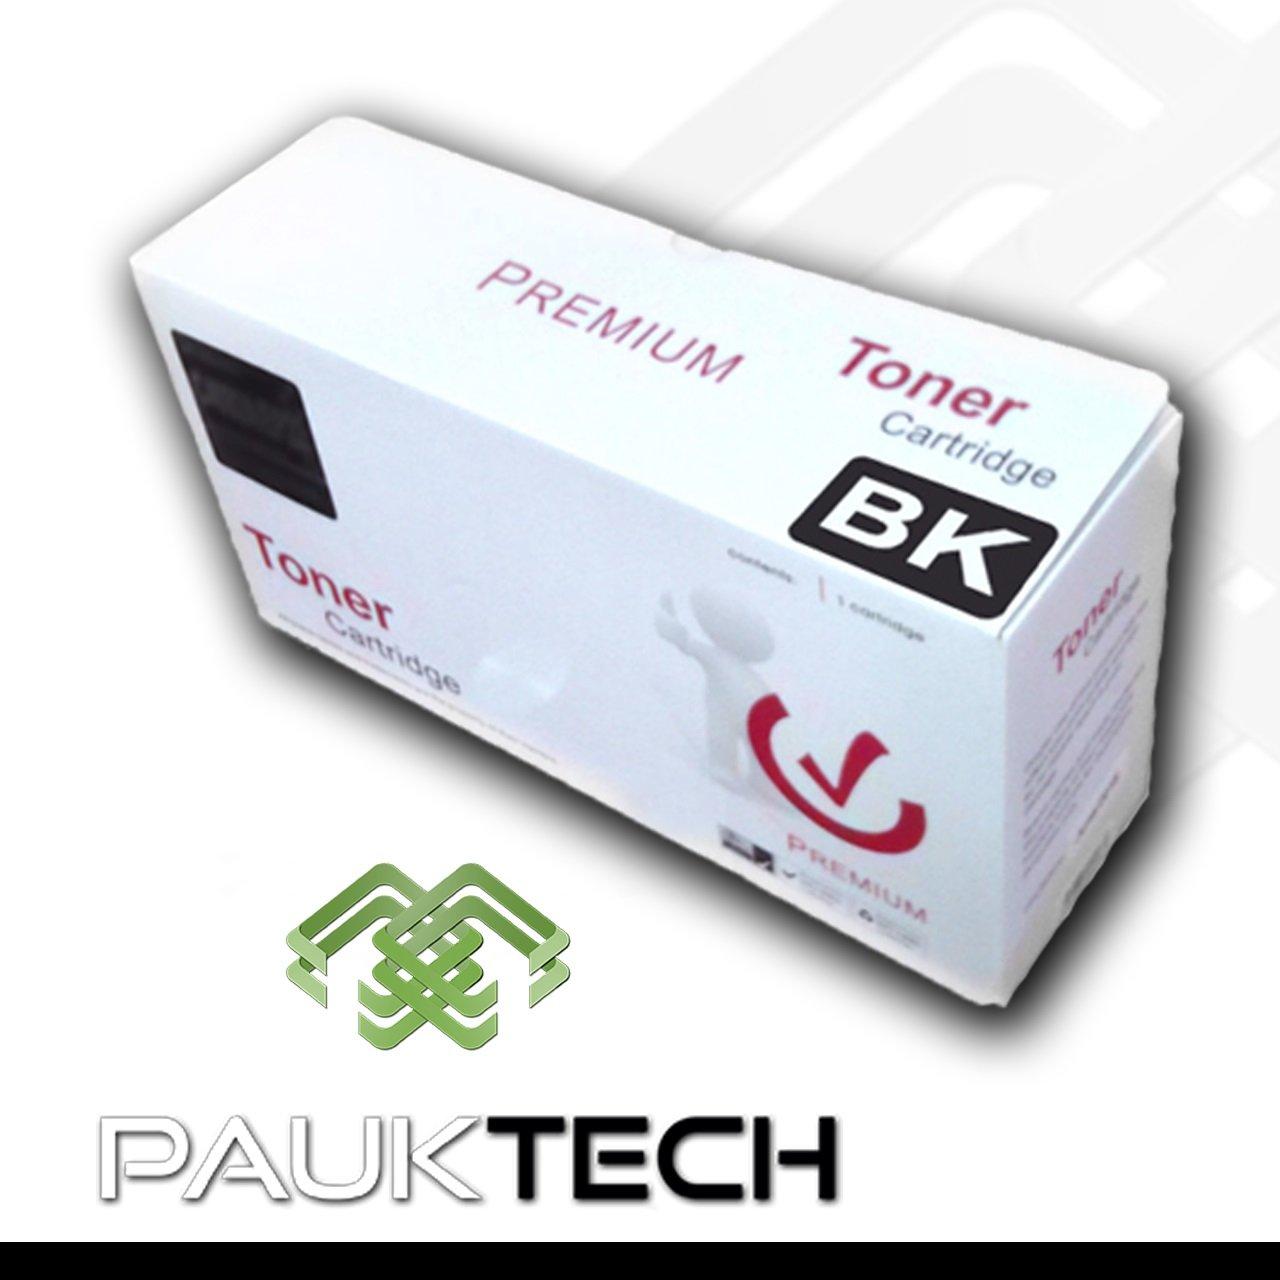 PAUKTECH - Cartucho Compatible de Toner Laser Compatible Cartucho modelo Ricoh SP201 SP203 SP204 SP211 SP212 SP213 SP201N color Negro 79ce08